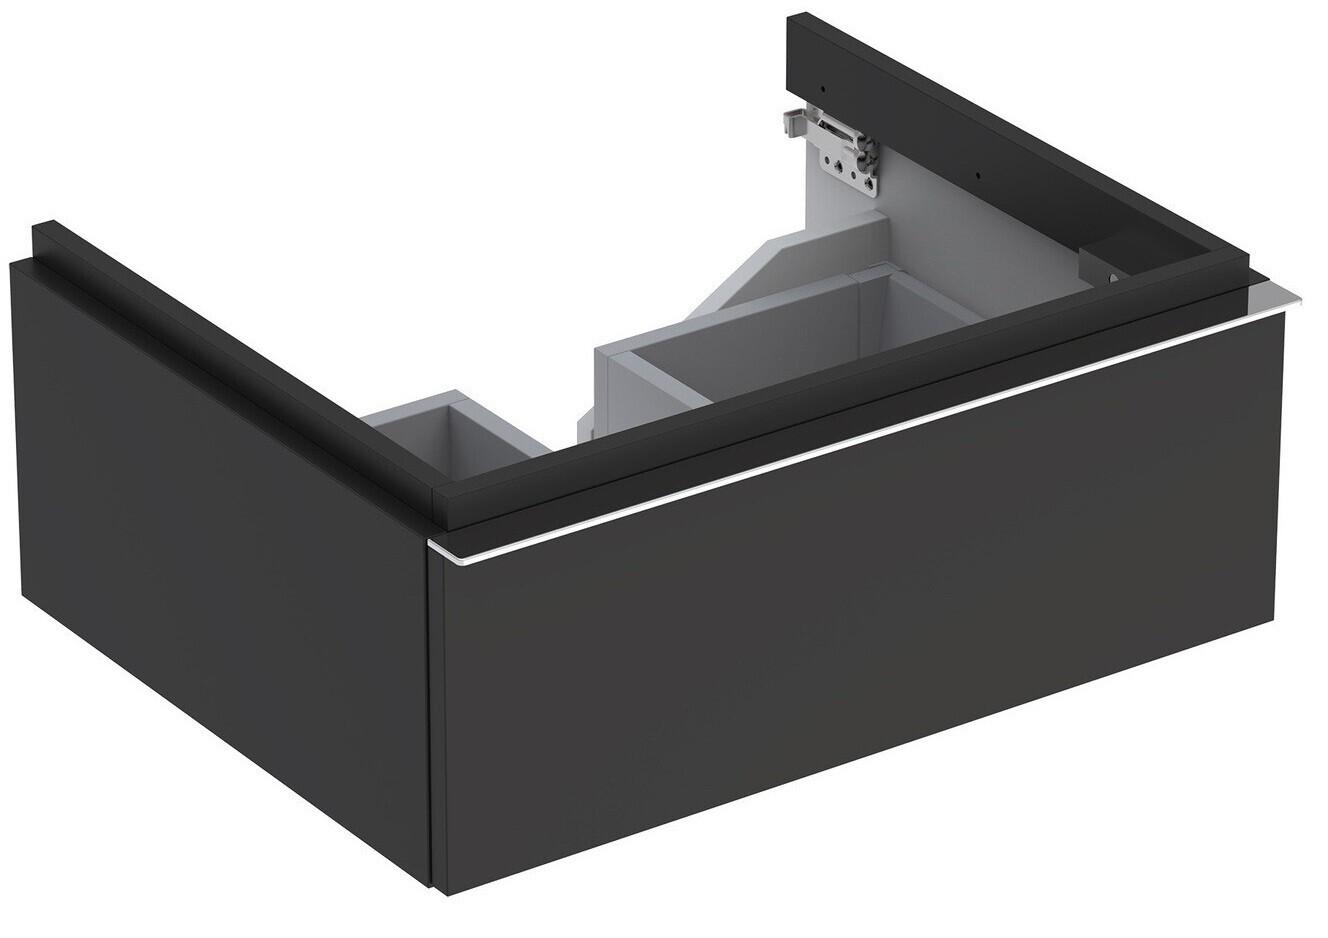 Meuble bas pour lavabo Geberit iCon 75 cm avec un tiroir en gris velouté laqué mat